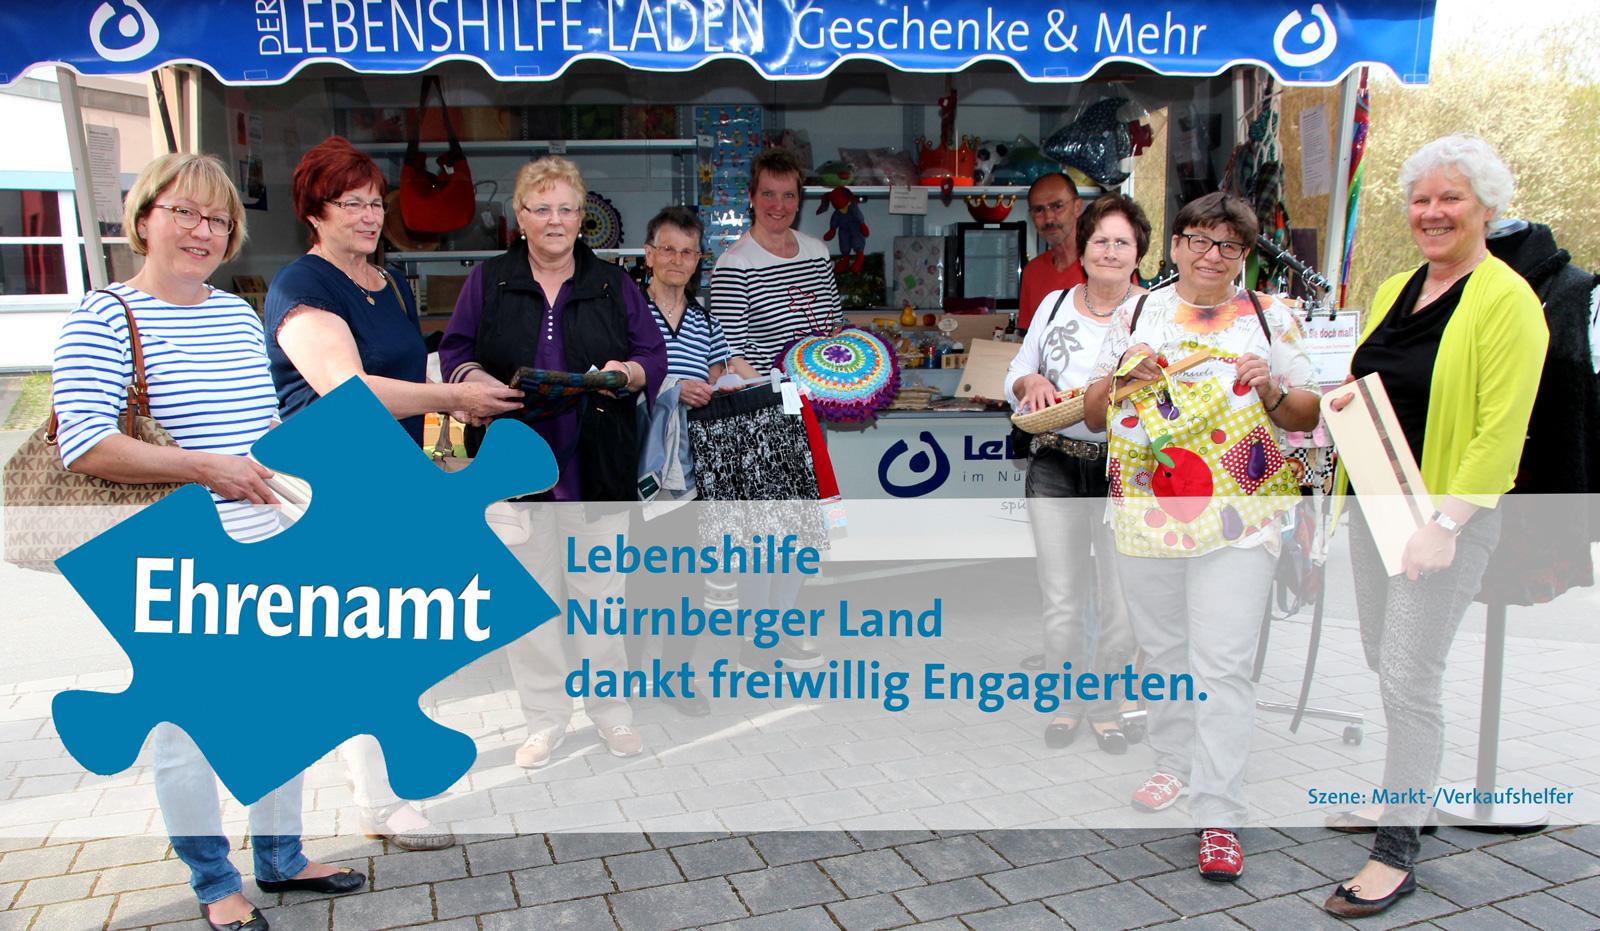 """5.12. """"Tag des Ehreamts"""" – Vorsitzender John dankt Ehrenamtlichen für deren Unterstützung: """"Bei der Lebenshilfe Nürnberger Land ist jeder Tag auch ein Ehrenamtstag."""""""